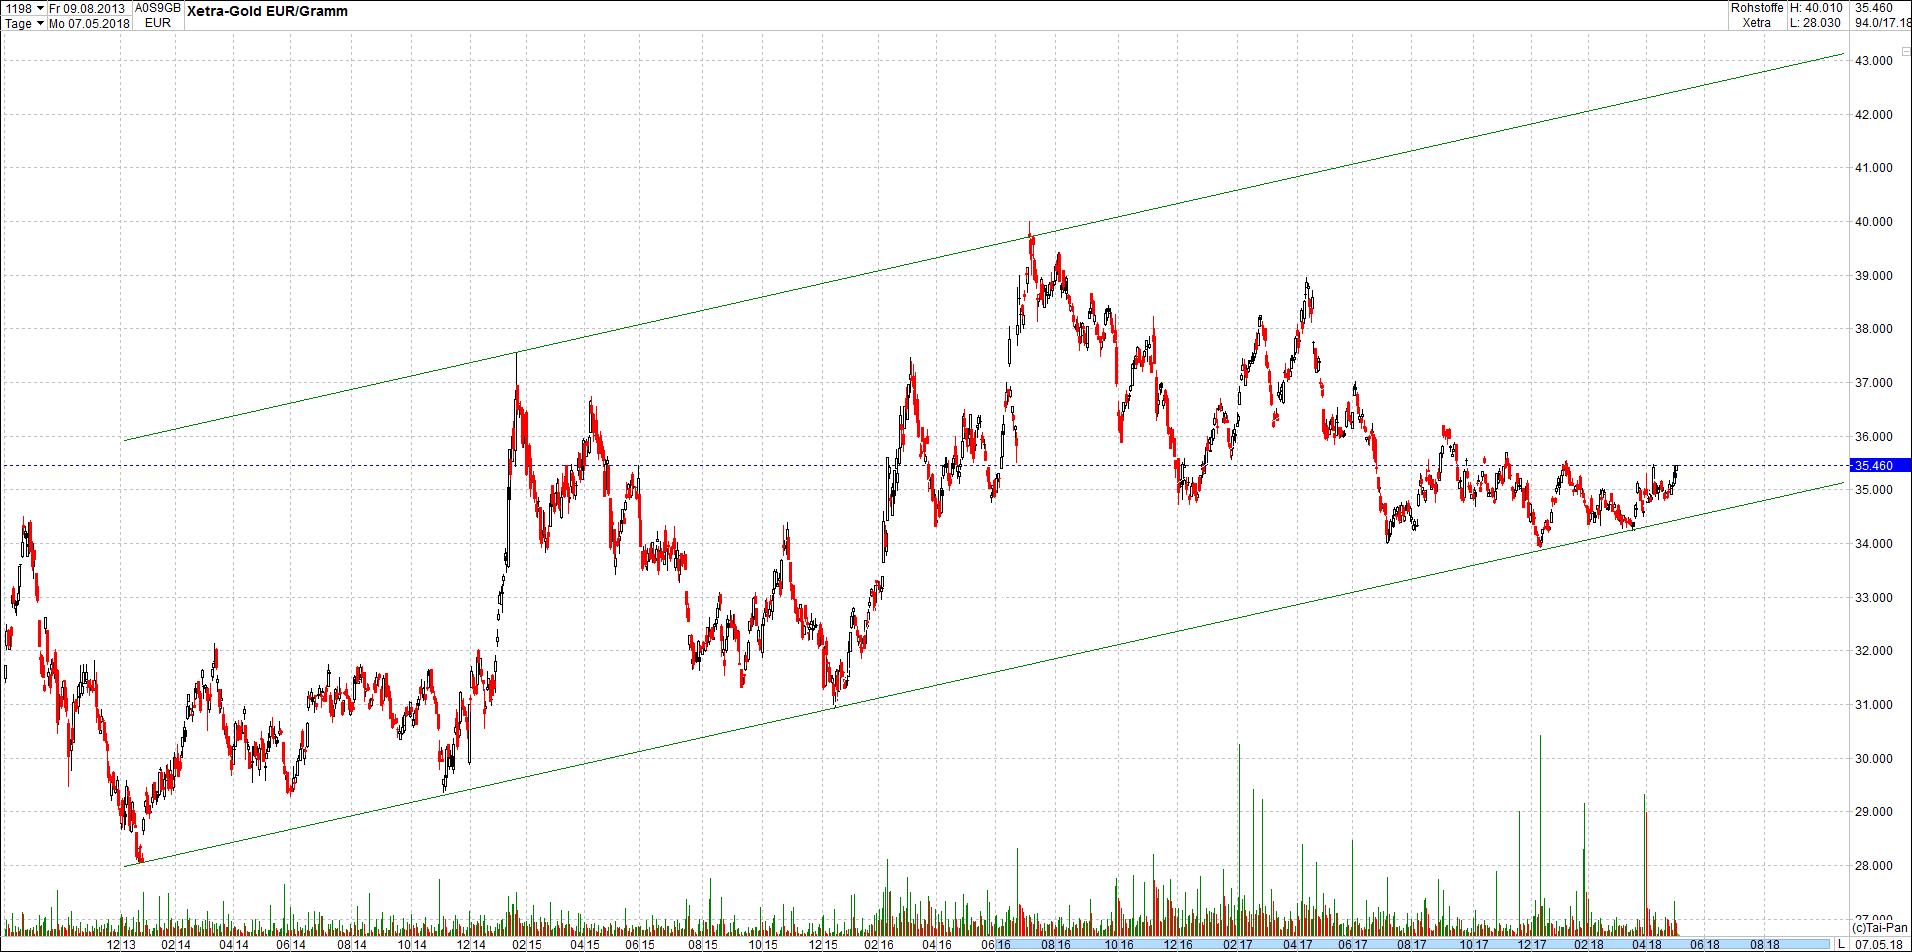 gold_chart_von_heute3.png